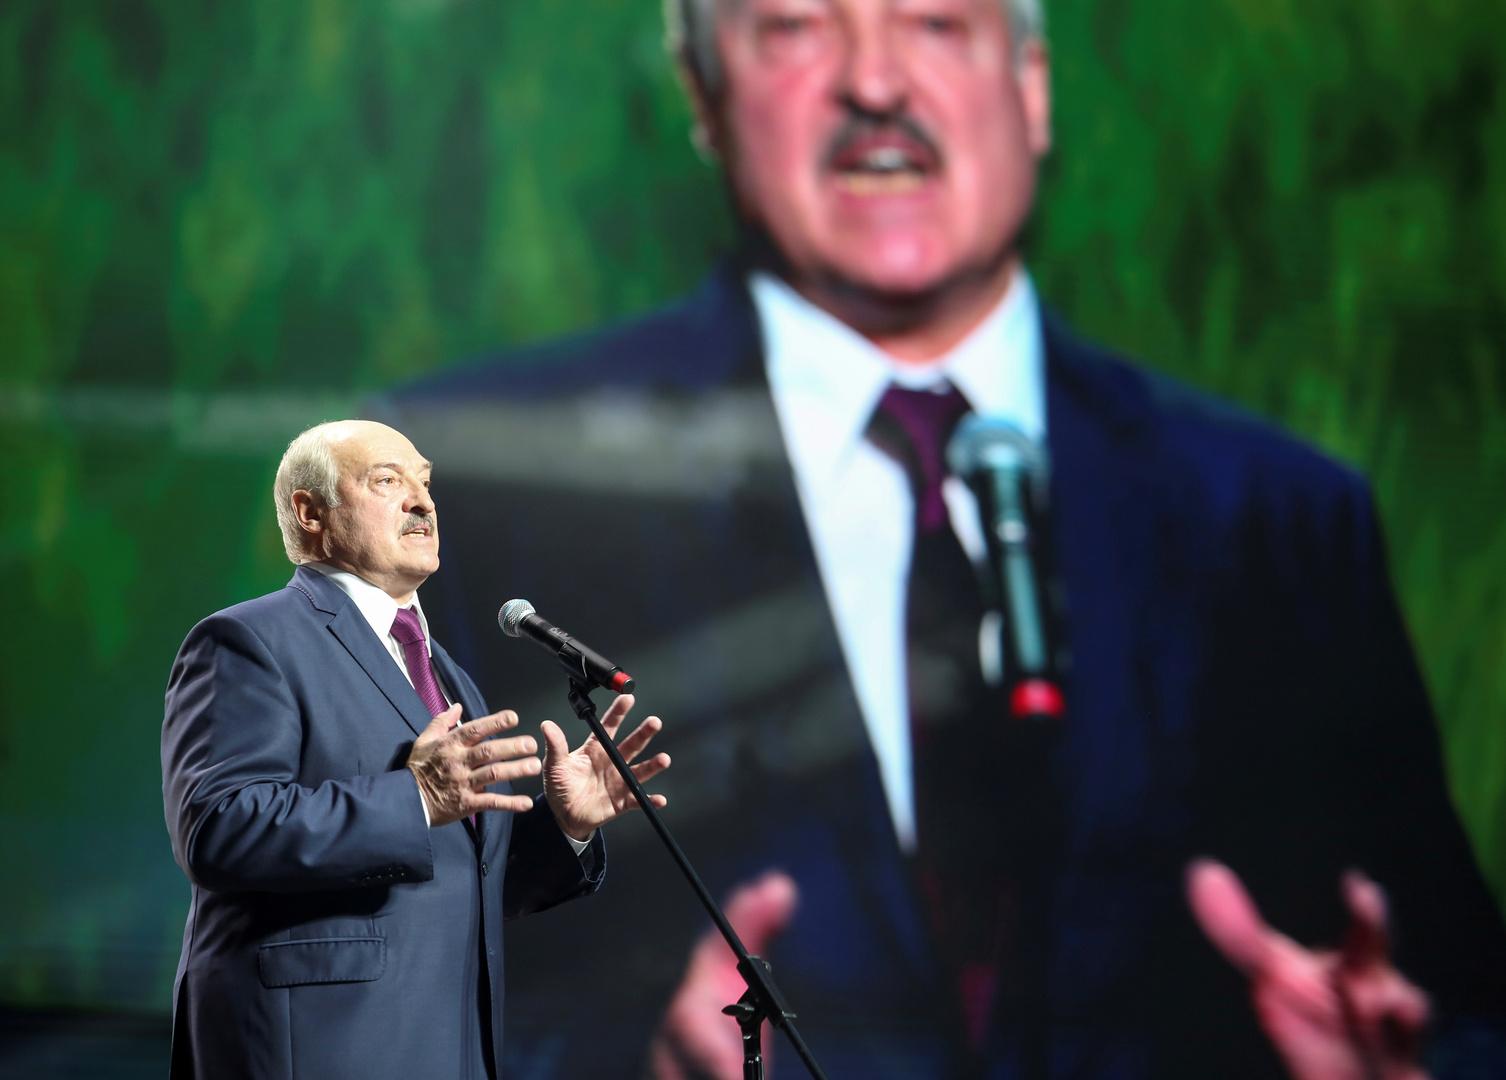 هل بإمكان لوكاشينكو التغلب على الاحتجاجات؟